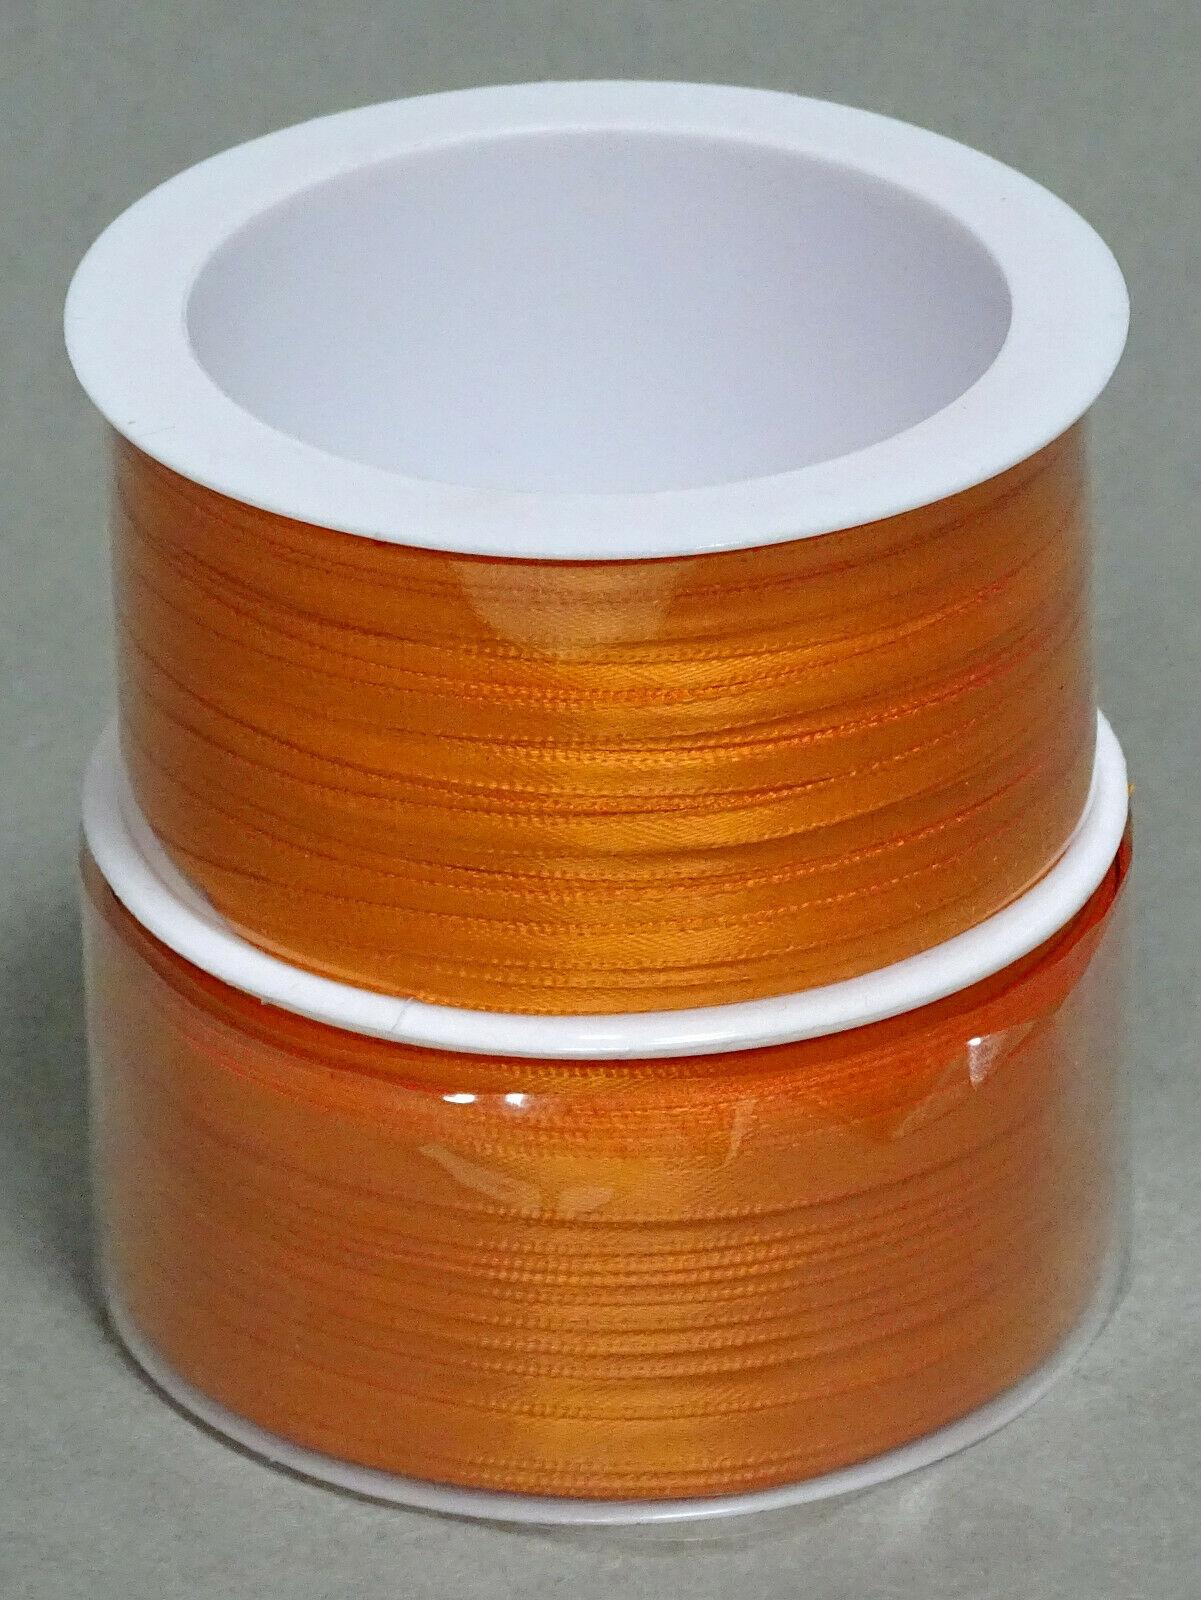 Satinband Schleifenband 50m x 3mm / 6mm Dekoband ab 0,05 €/m Geschenkband Rolle - Orange 236, 3 mm x 50 m